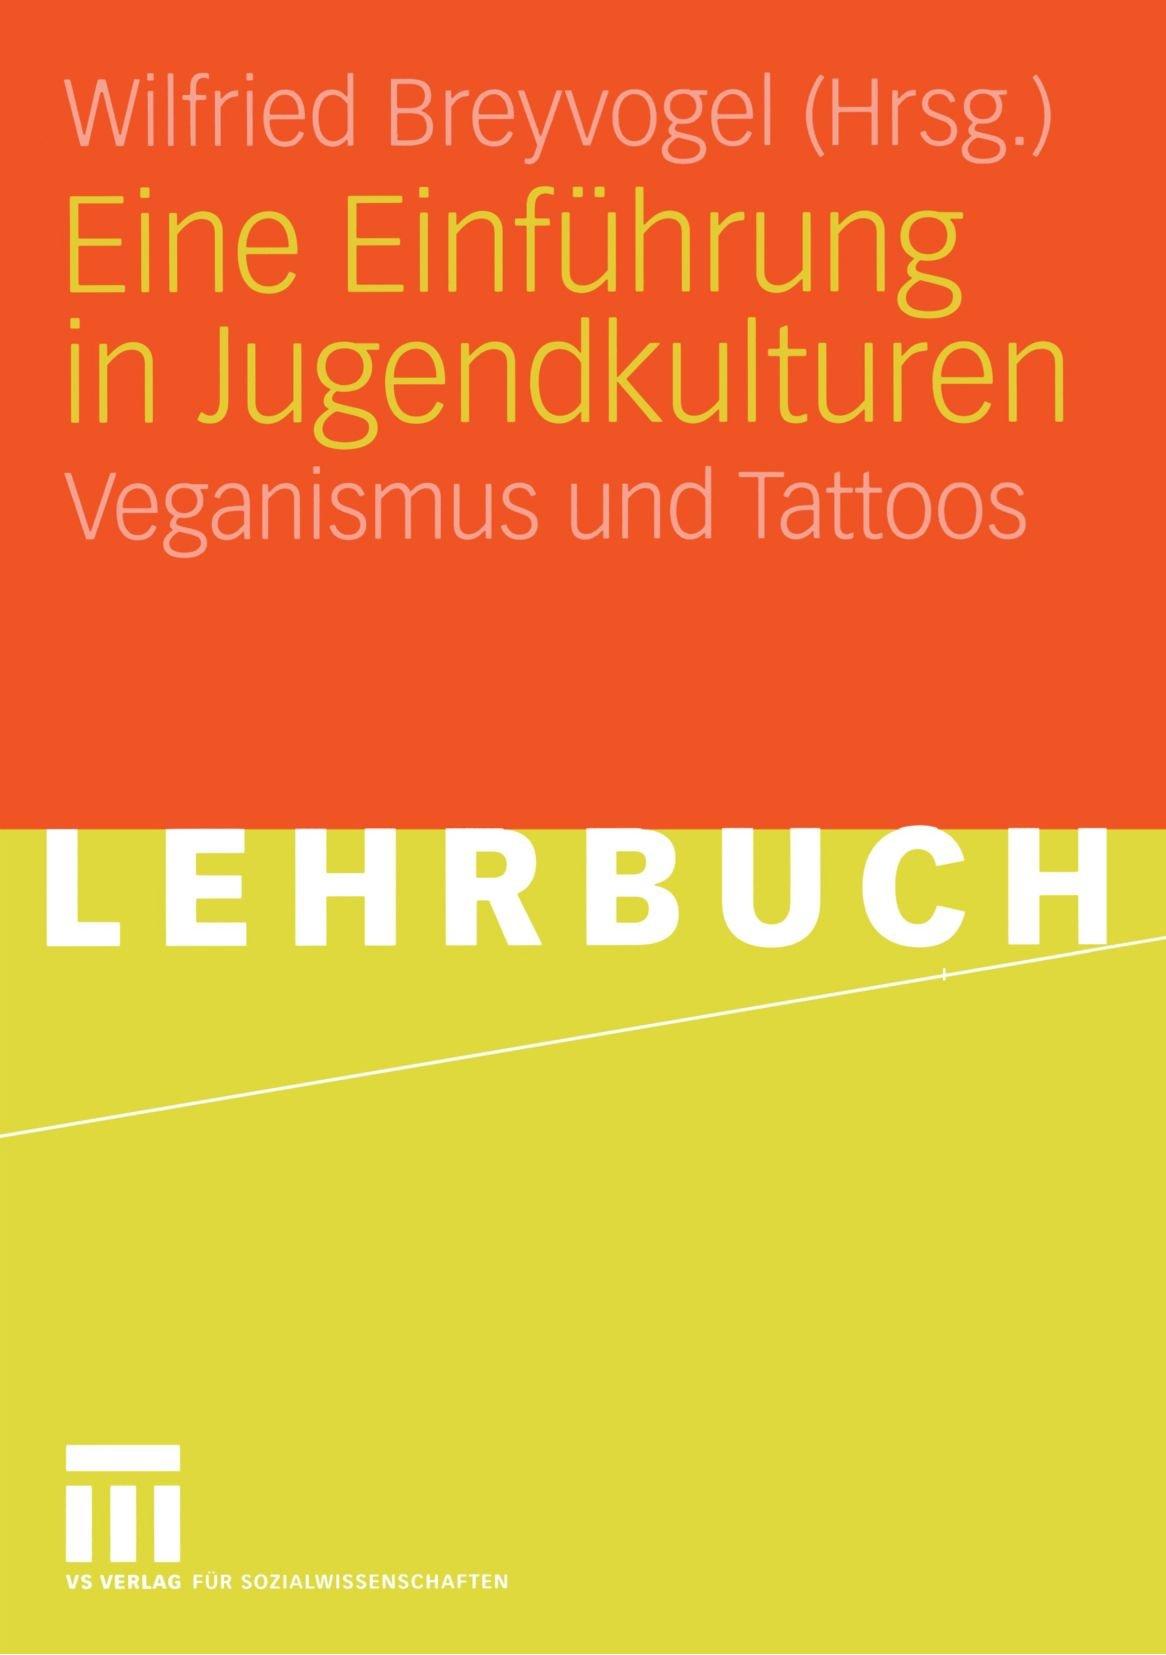 Eine Einführung in Jugendkulturen. Veganismus und Tattoos